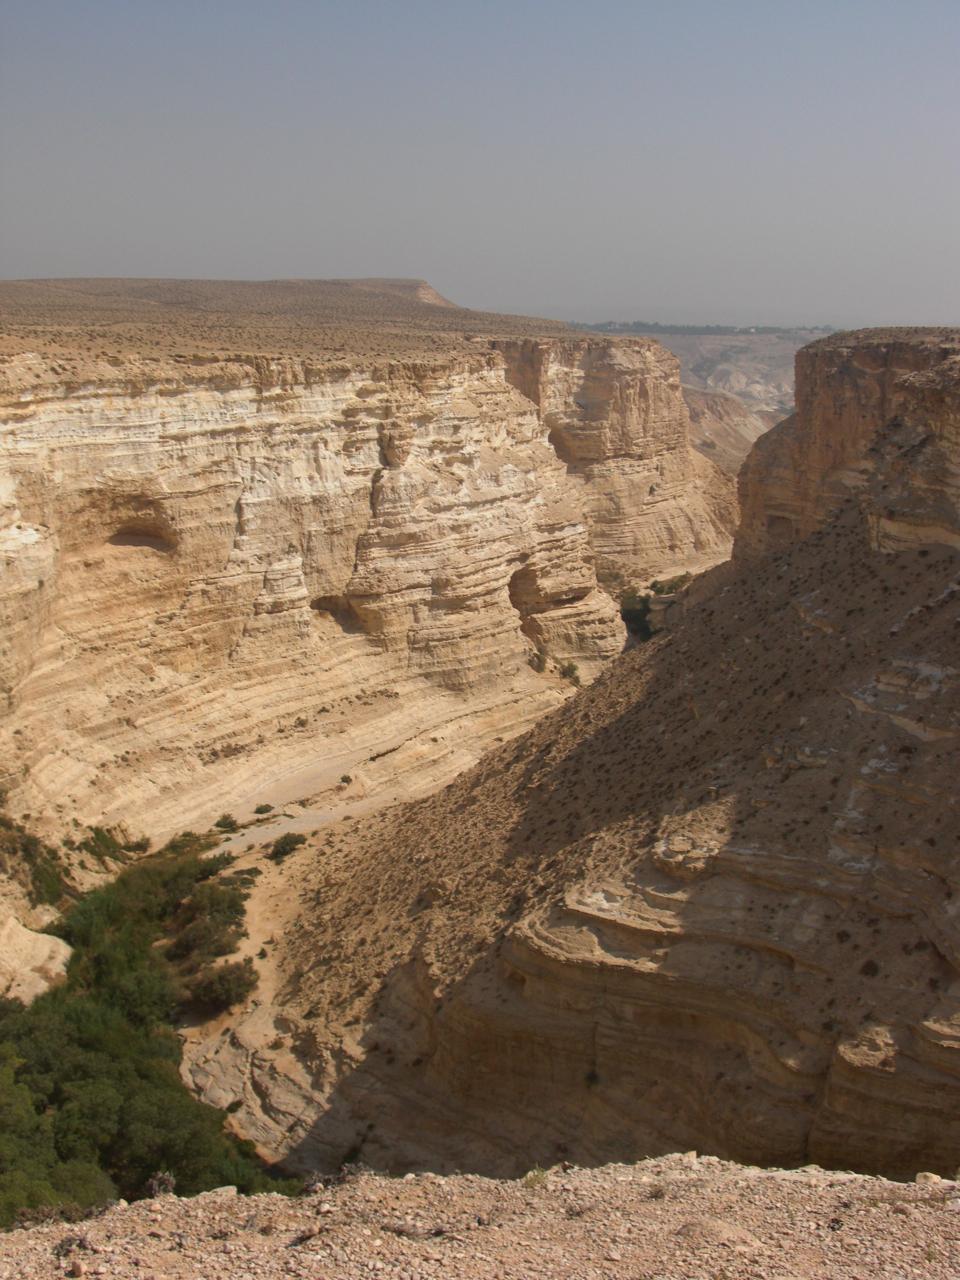 Ein Avdat, Israel. Credit:Roger Braunstein via Flickr.